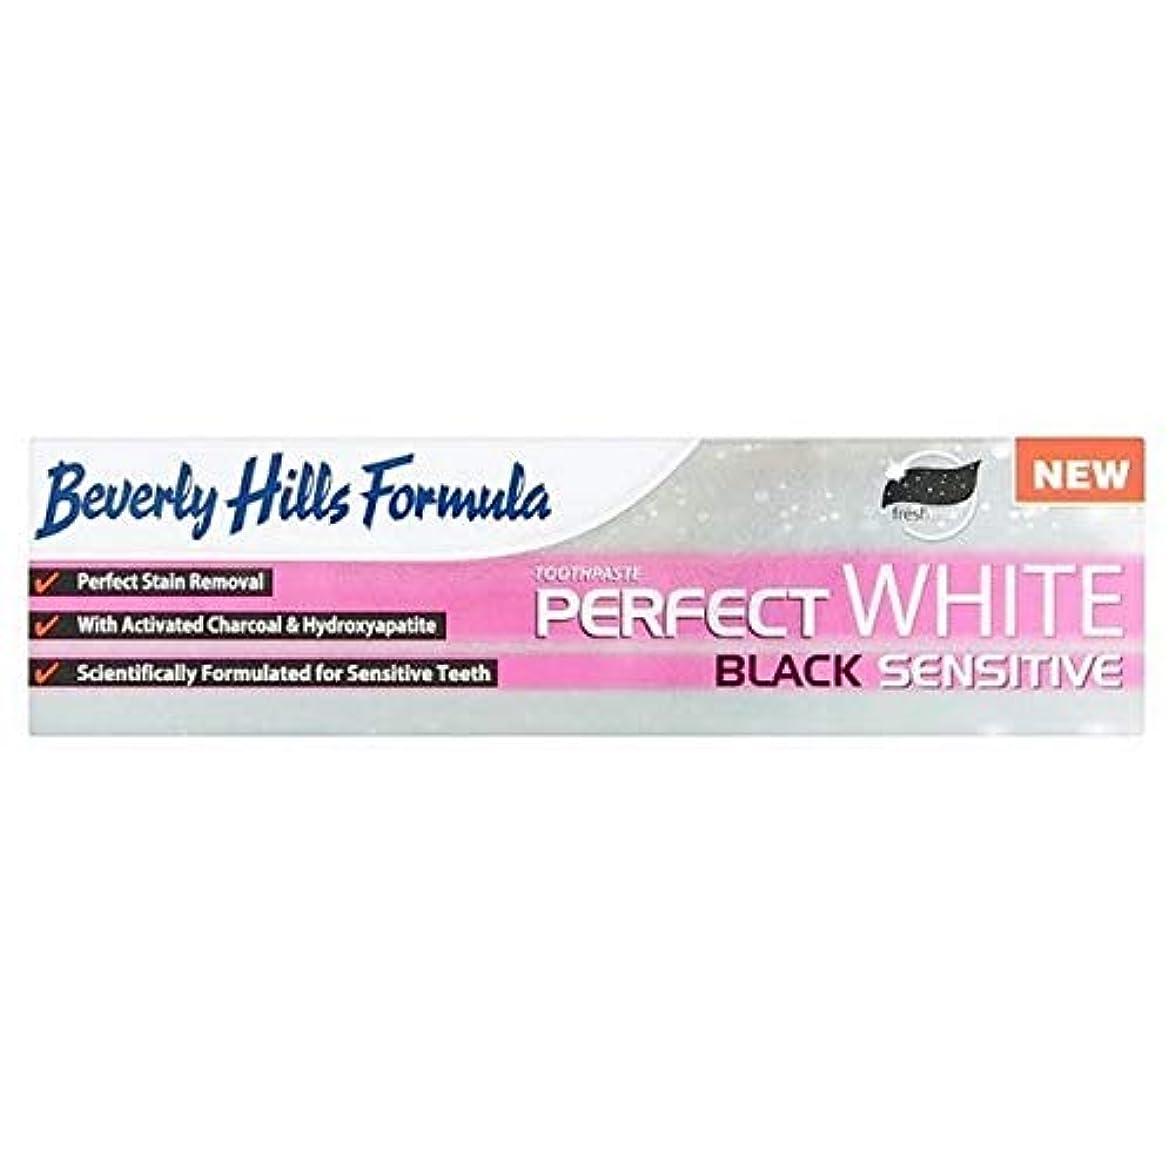 りんご豚肉トランザクション[Beverly Hills ] ビバリーヒルズ完璧な白黒敏感な歯磨き粉の100ミリリットル - Beverly Hills Perfect White Black Sensitive Toothpaste 100ml [並行輸入品]